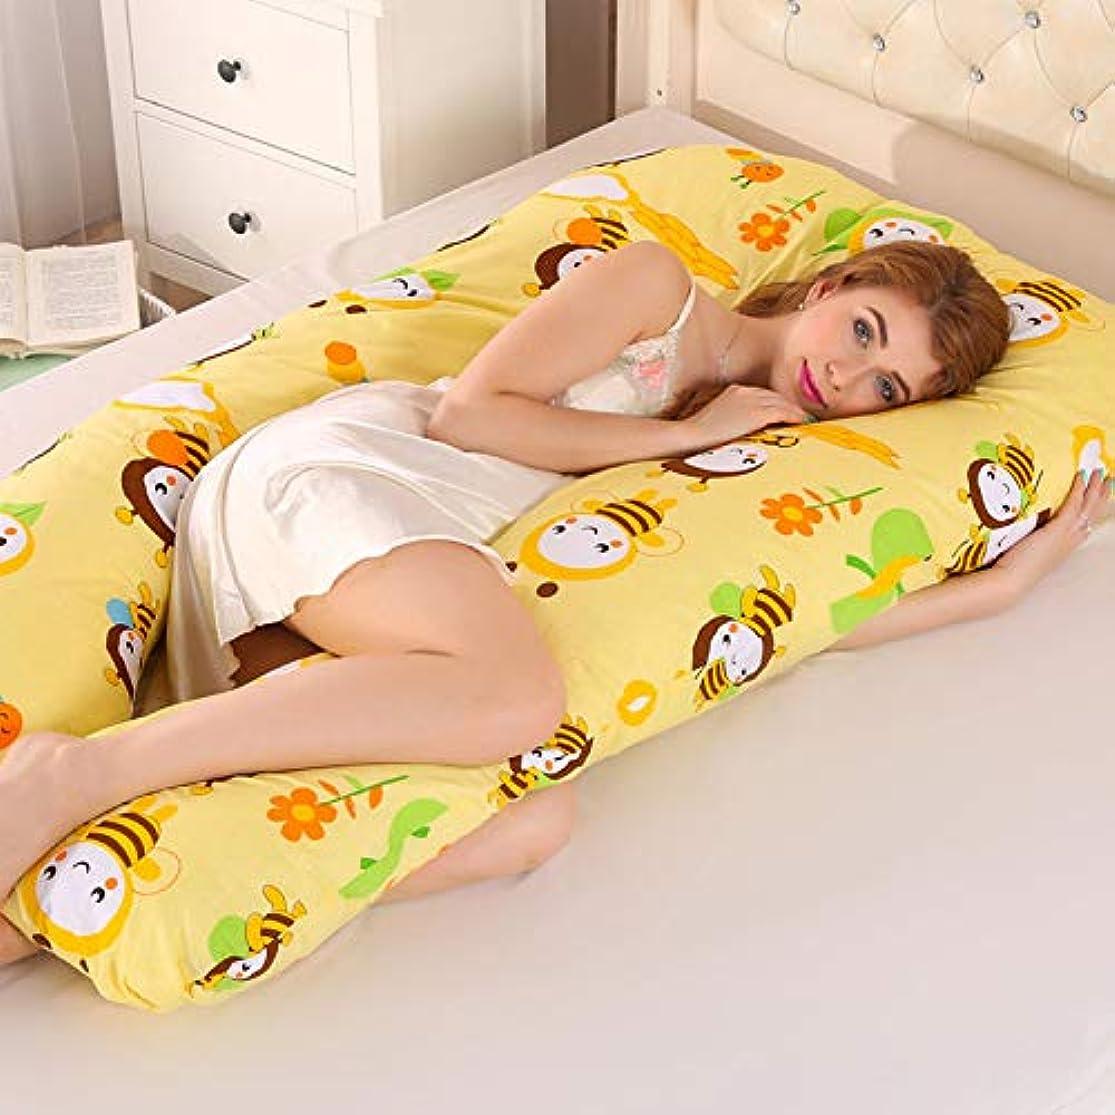 スクランブル類似性論文Tengfly U形枕妊娠中の女性側睡眠スリーパー快適で取り外し可能なウエストサポート